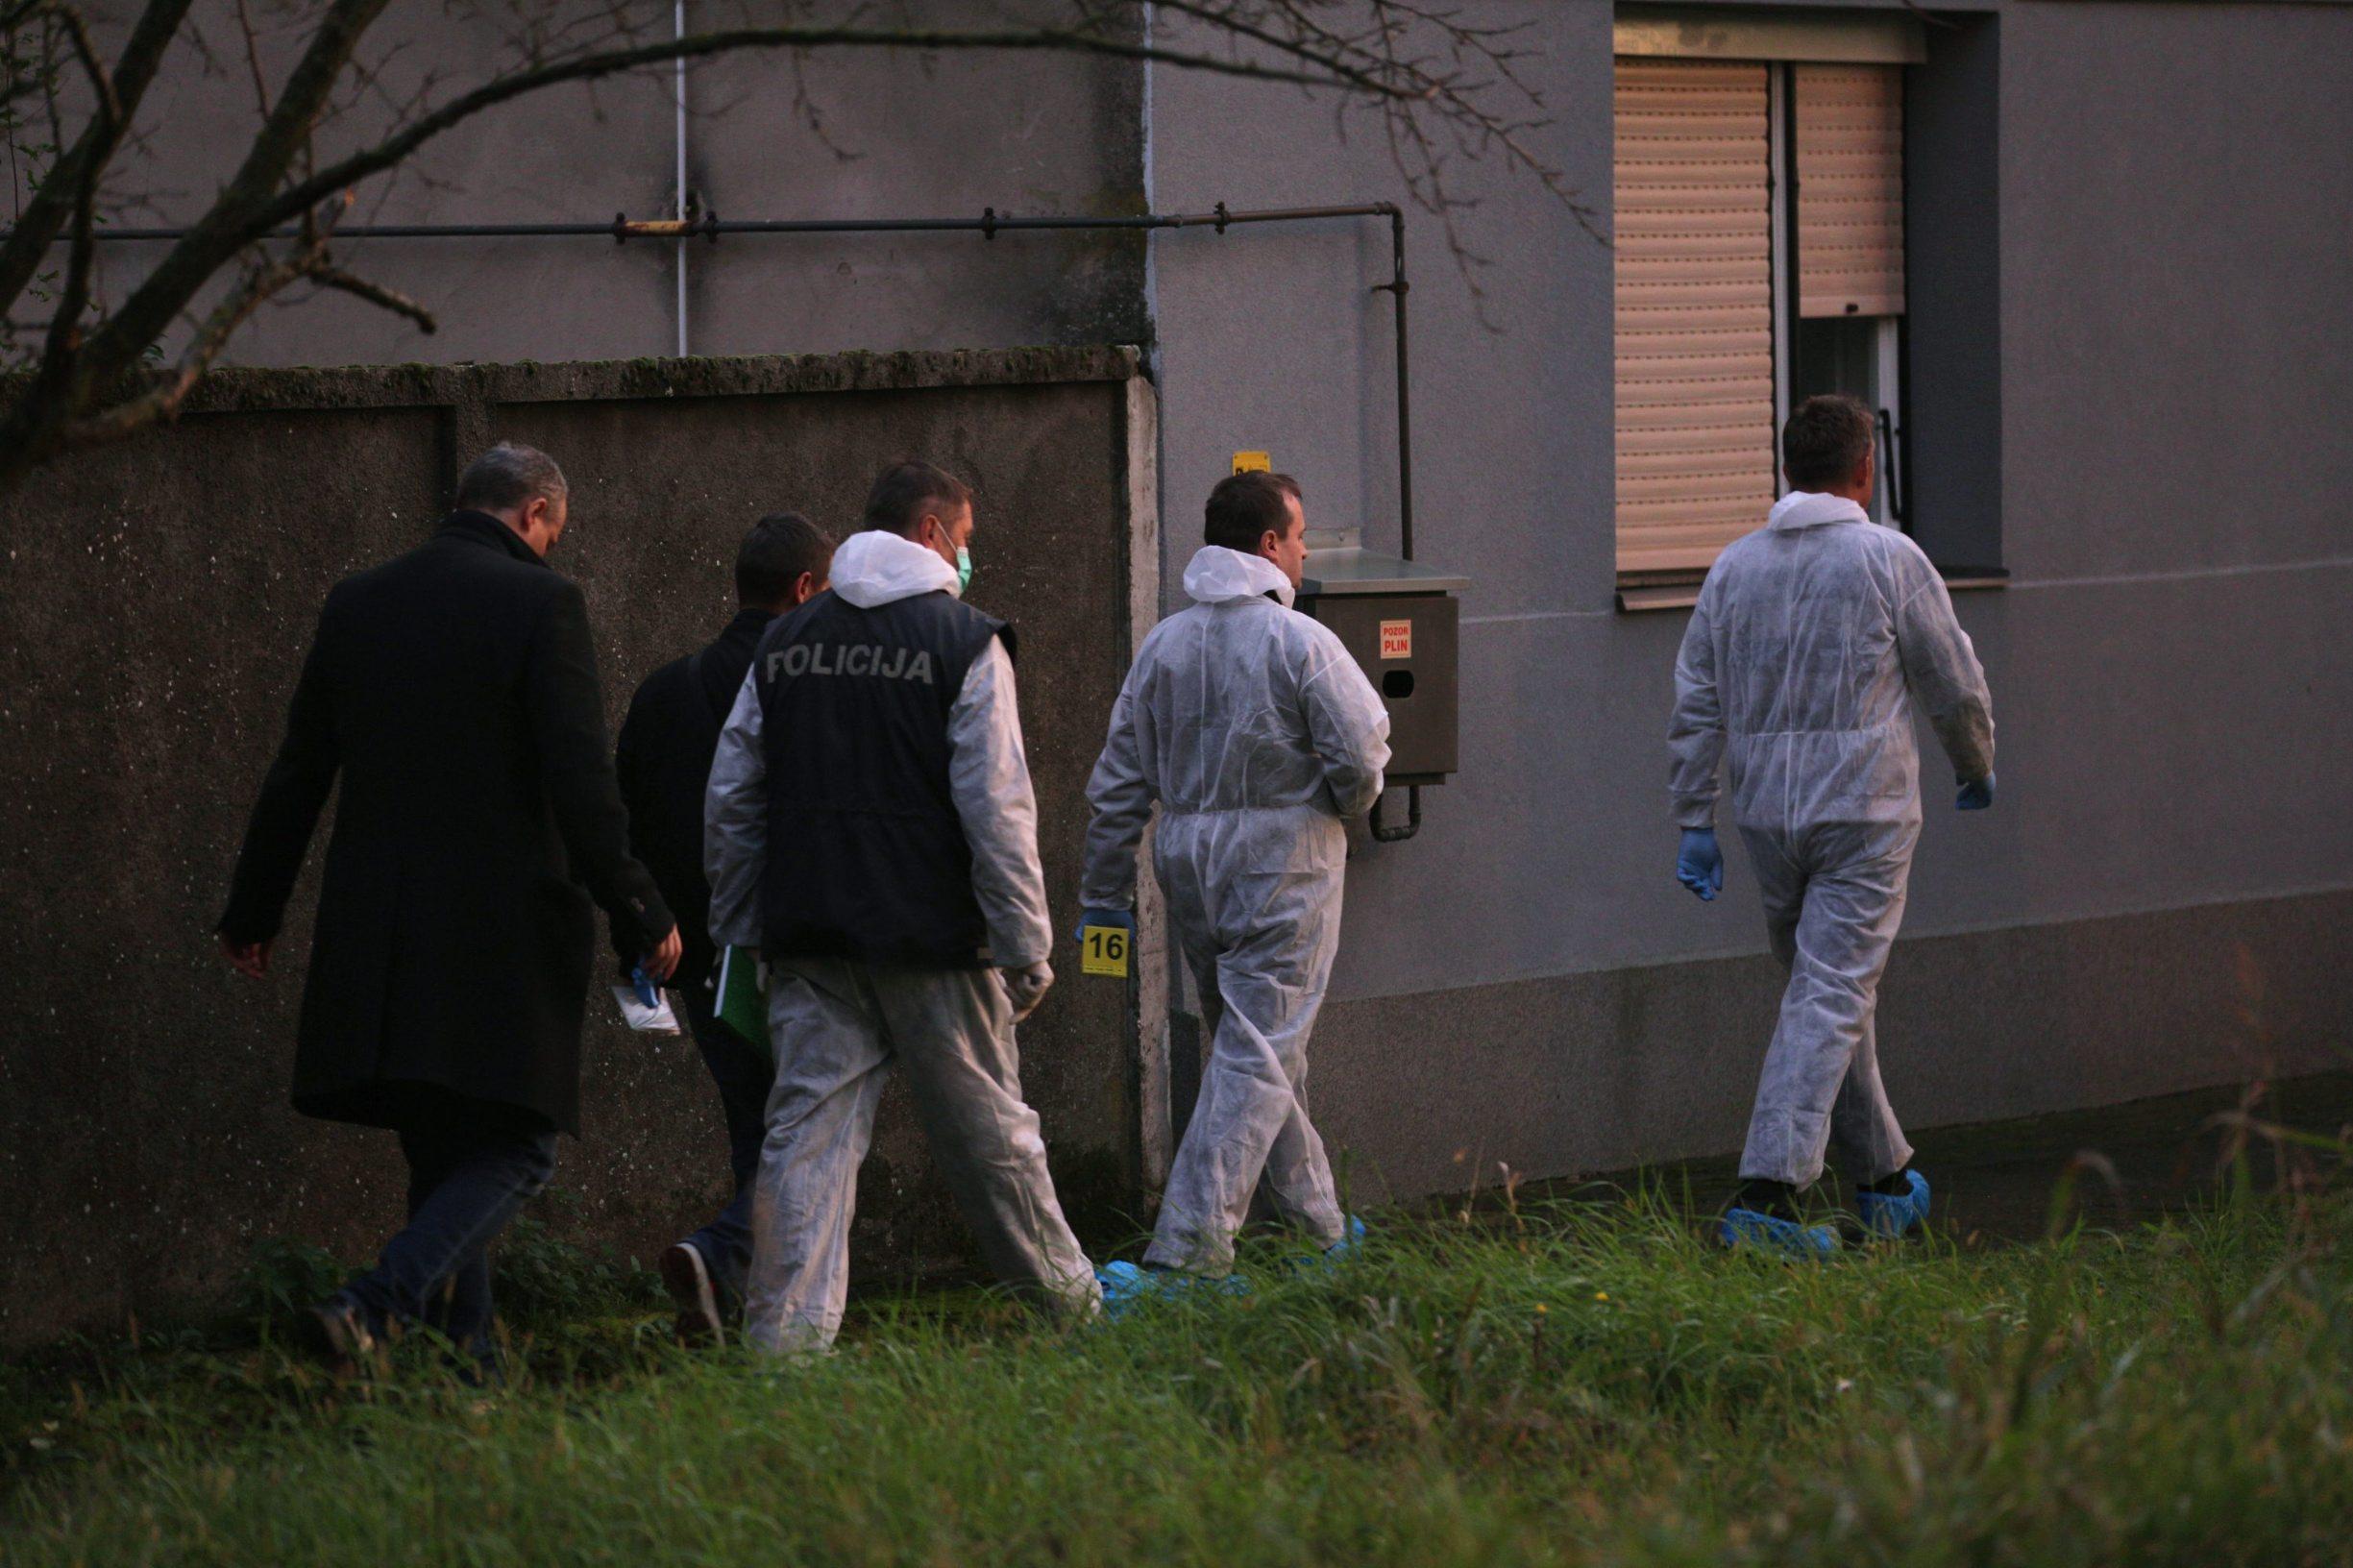 Petrovci, 071119. Tijelo zene nestale prije 4 mjeseca pronadjeno u septickoj jami. Na fotografiji: policijski ocevid. Foto: Vlado Kos / CROPIX